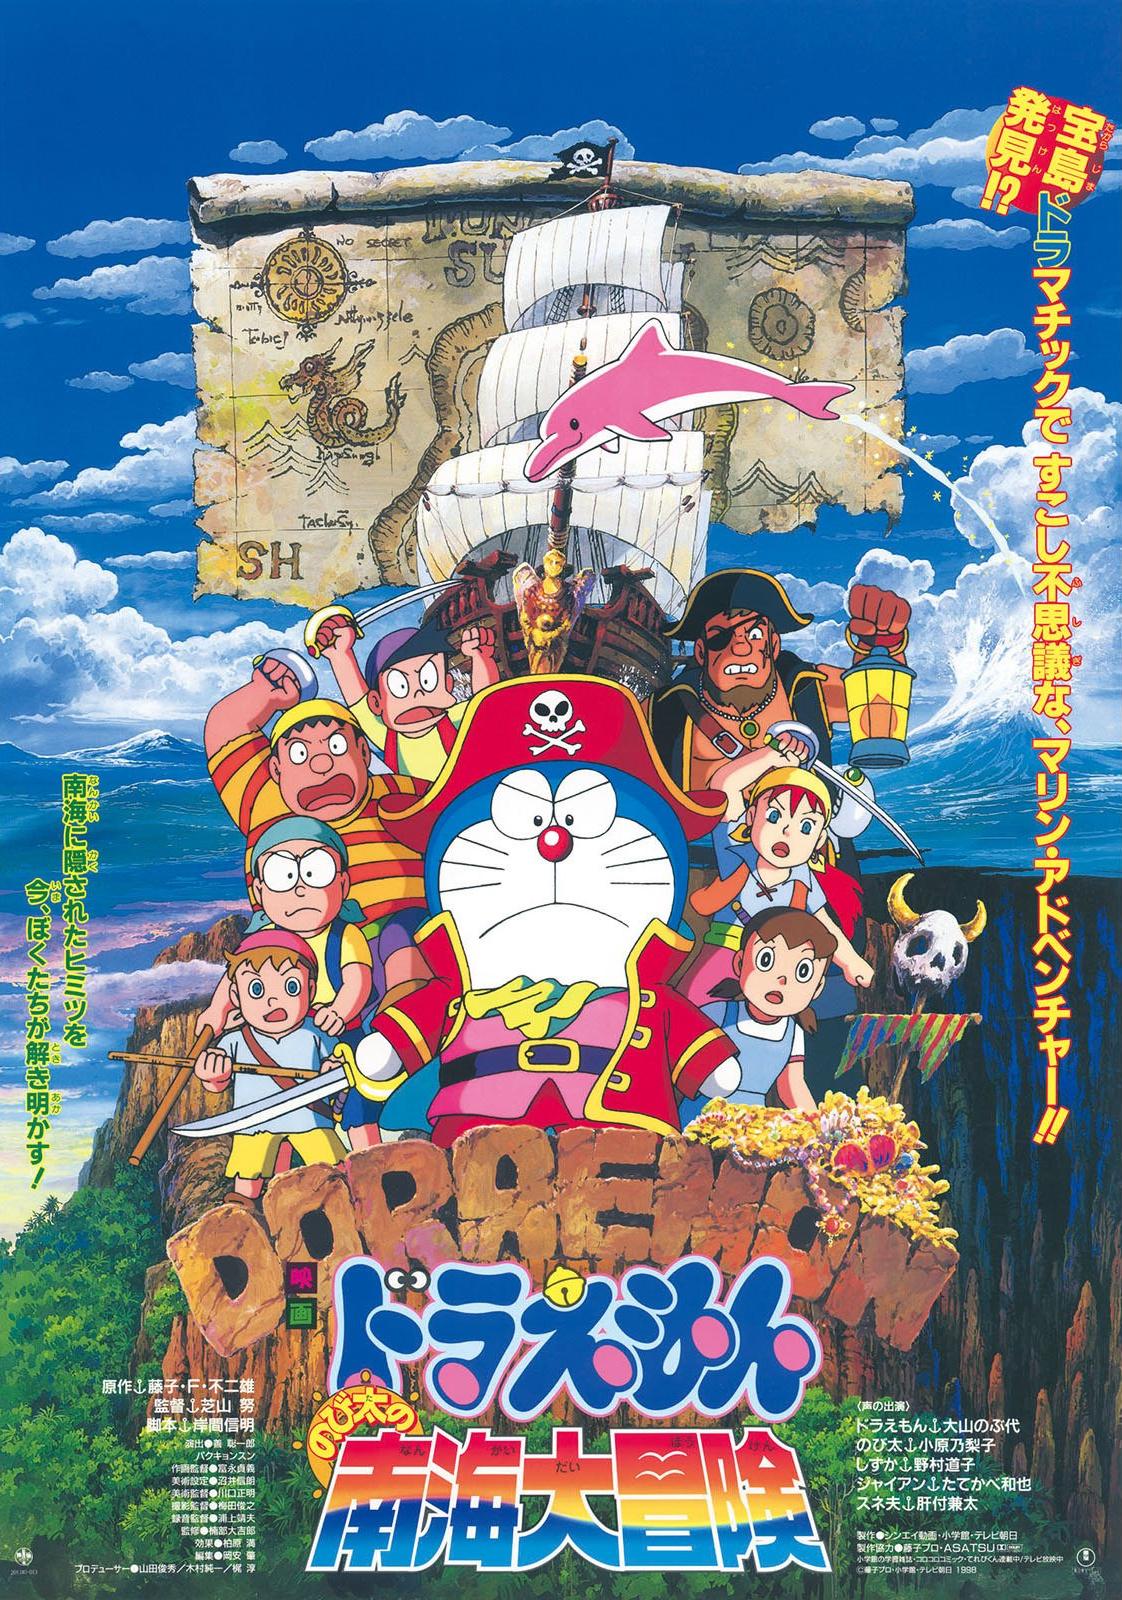 Doraemon The Movie 1998 โดเรม่อน เดอะมูฟวี่ ตอน ผจญภัยเกาะมหาสมบัติ (ผจญภัยทะเลใต้) พากย์ไทย